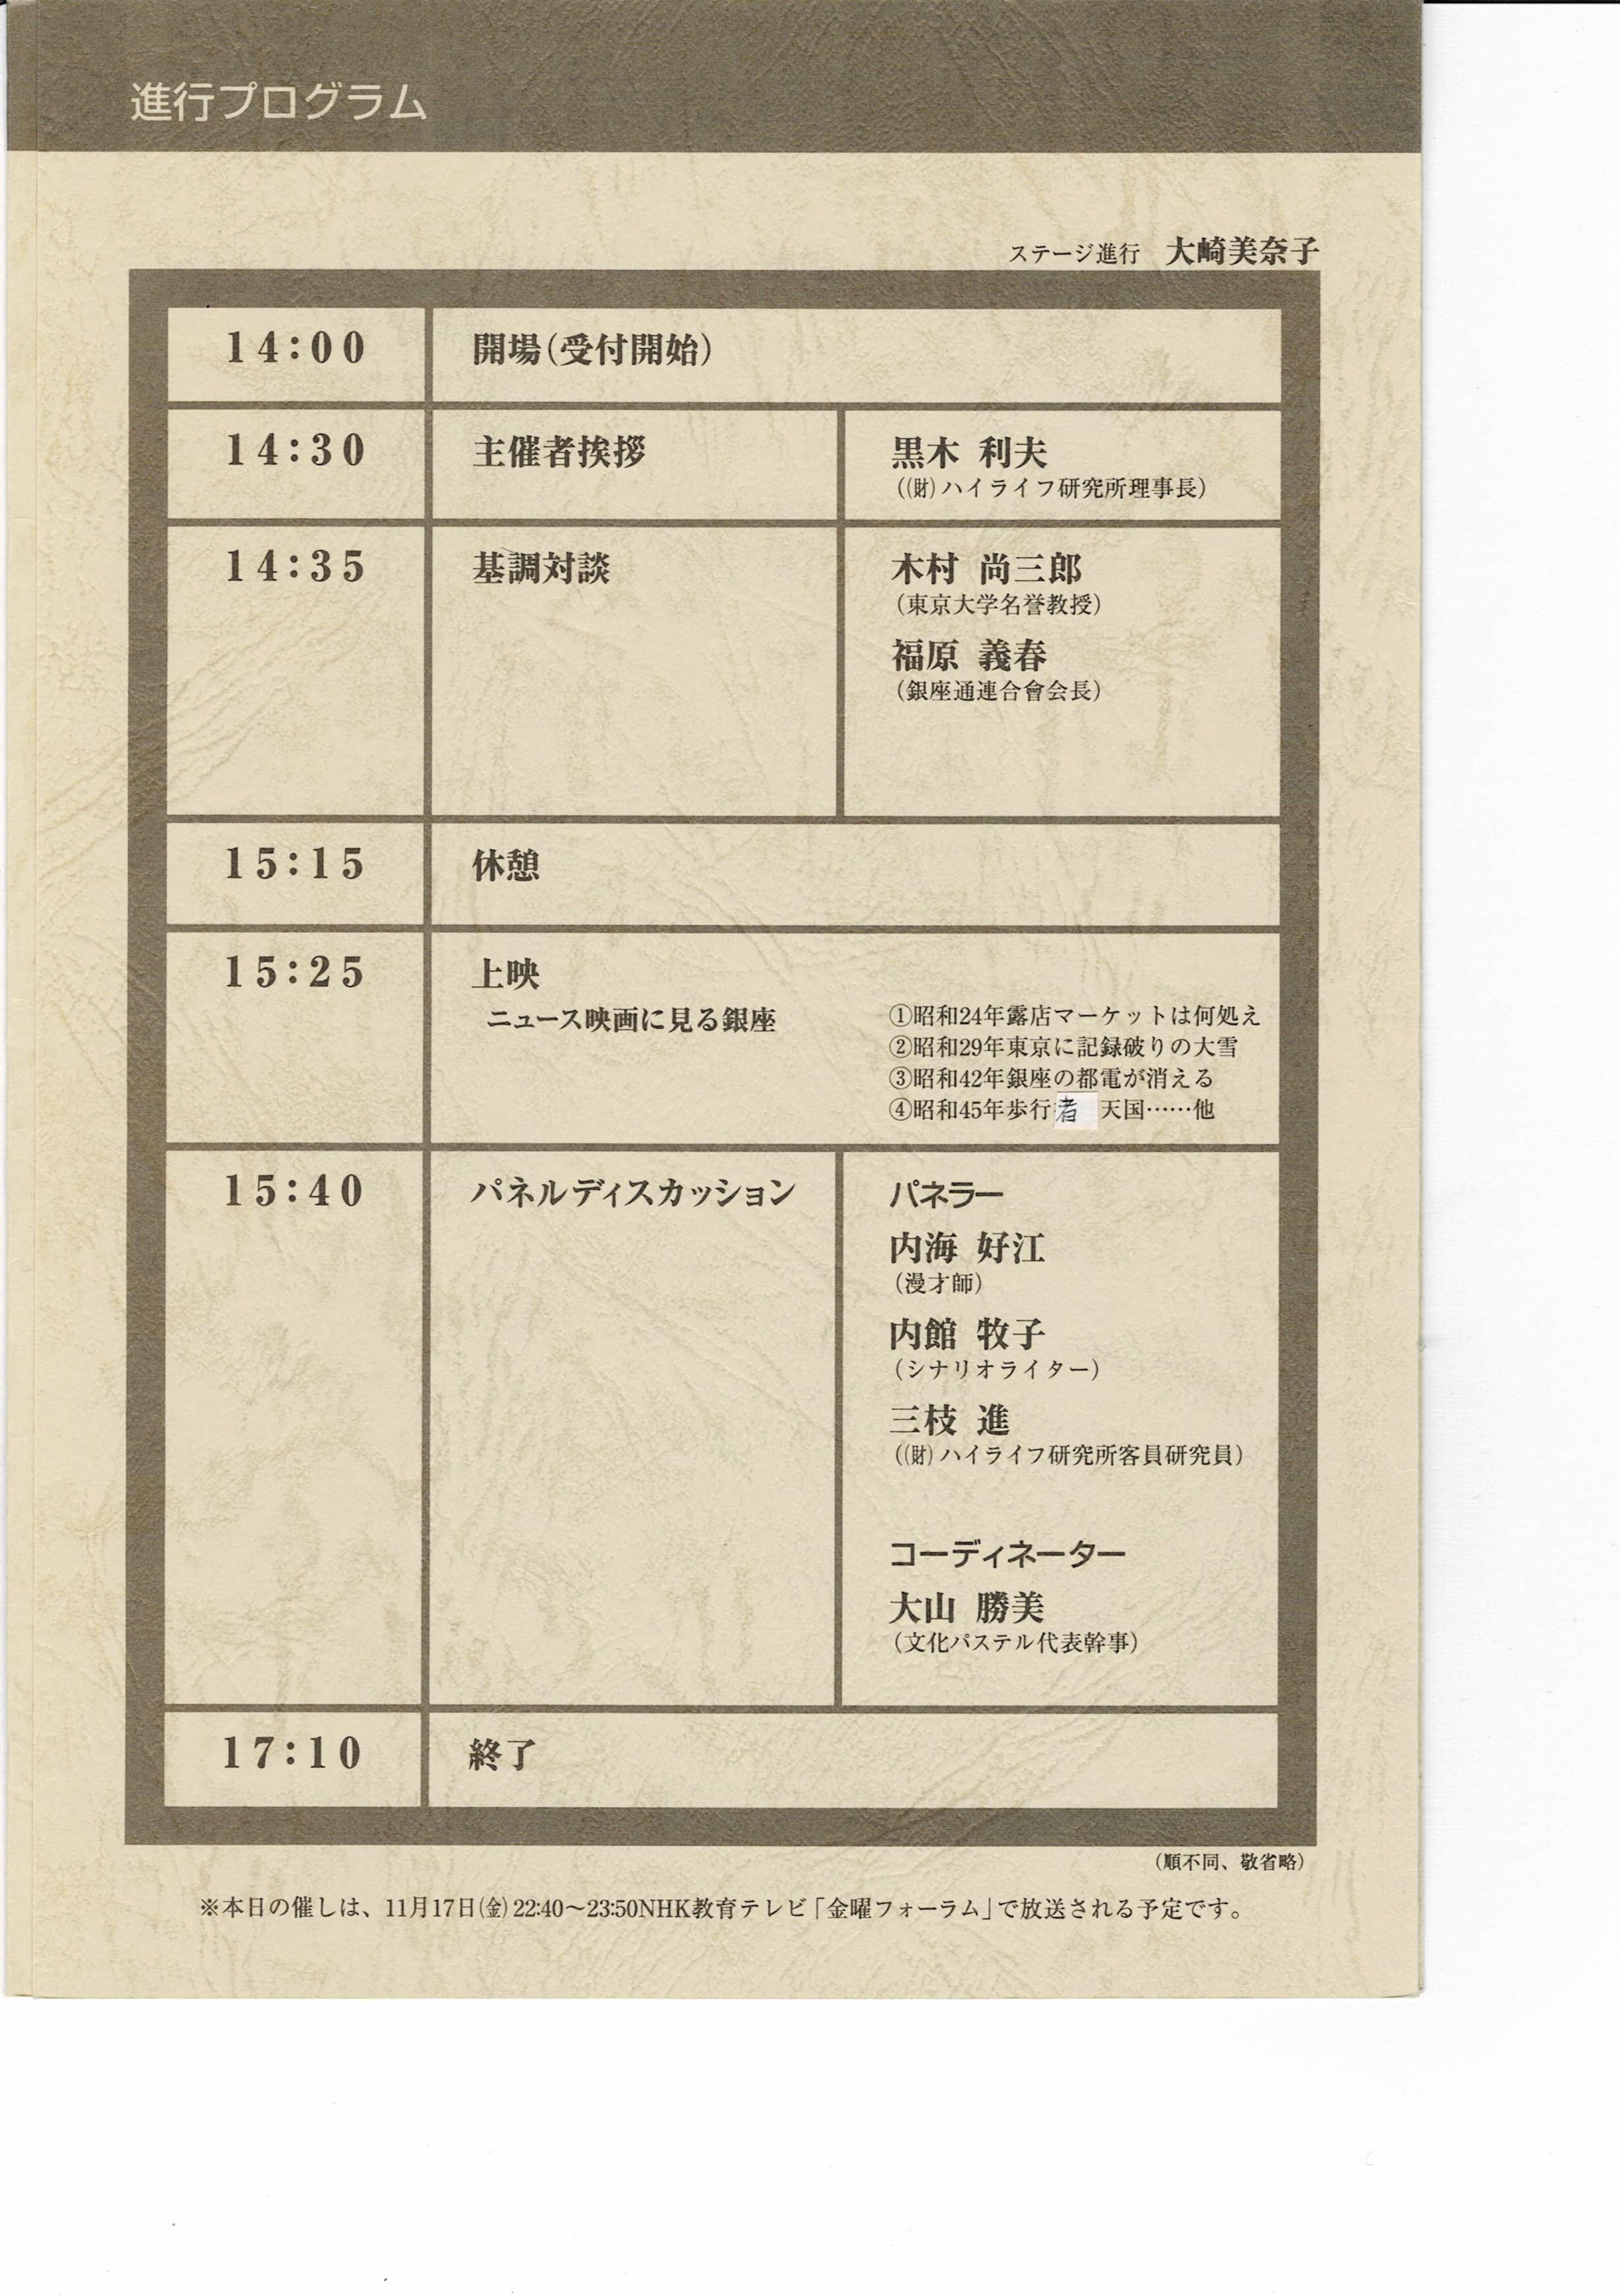 文化フロンティア会議1995_2